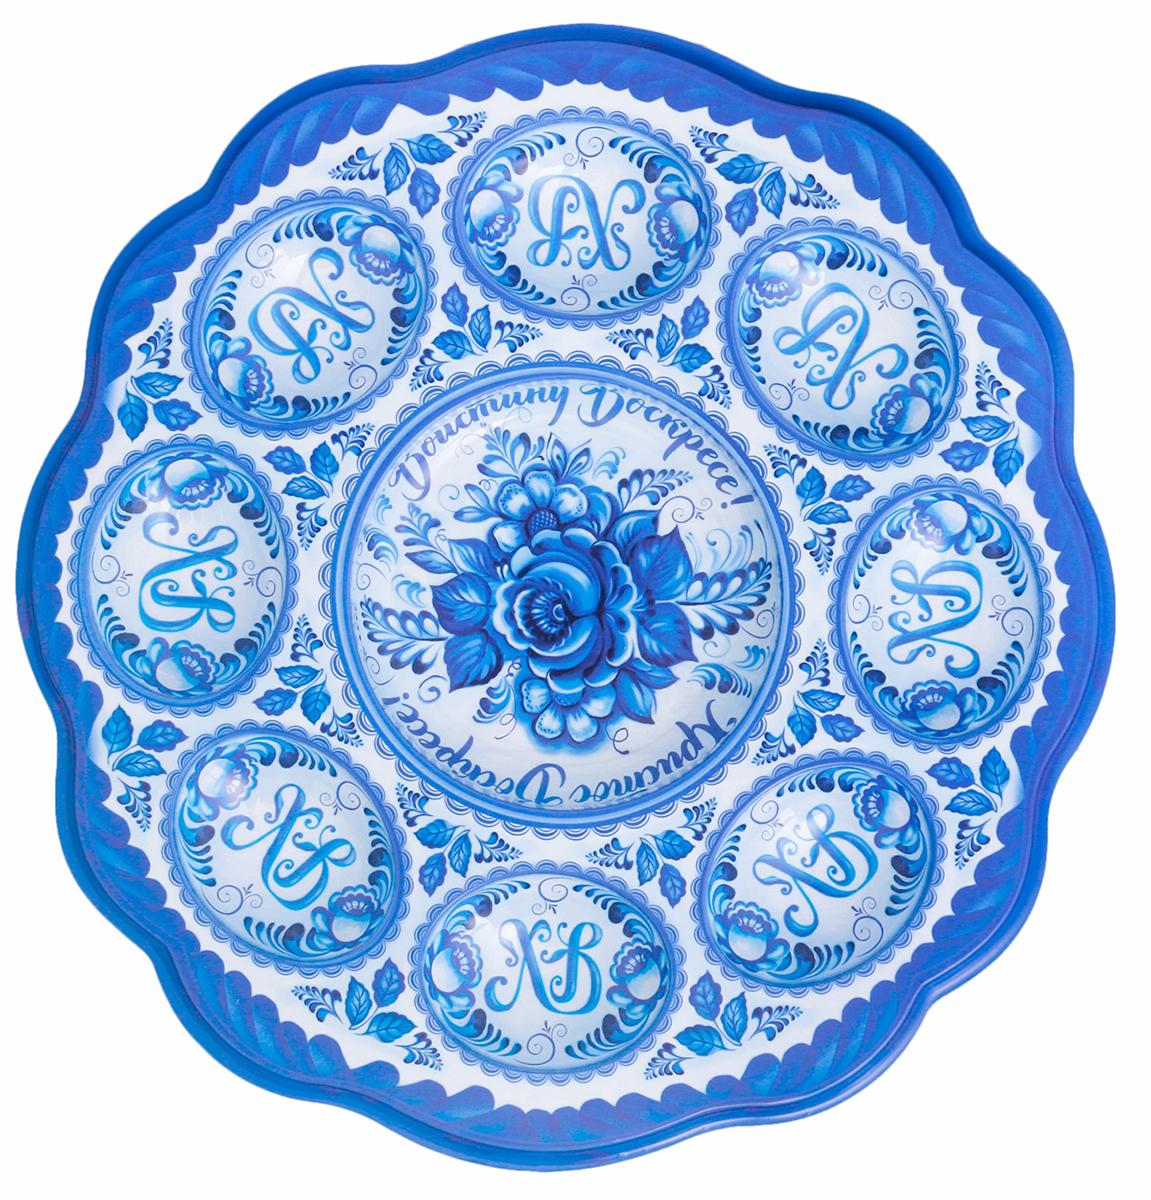 Подставка для яйца Христос Воскресе! Гжель, цвет: голубой, на 8 яиц, 24 х 25 см. 2634332 подставка для яйца городетская на 8 яиц и кулич 24 х 25 см 1653890